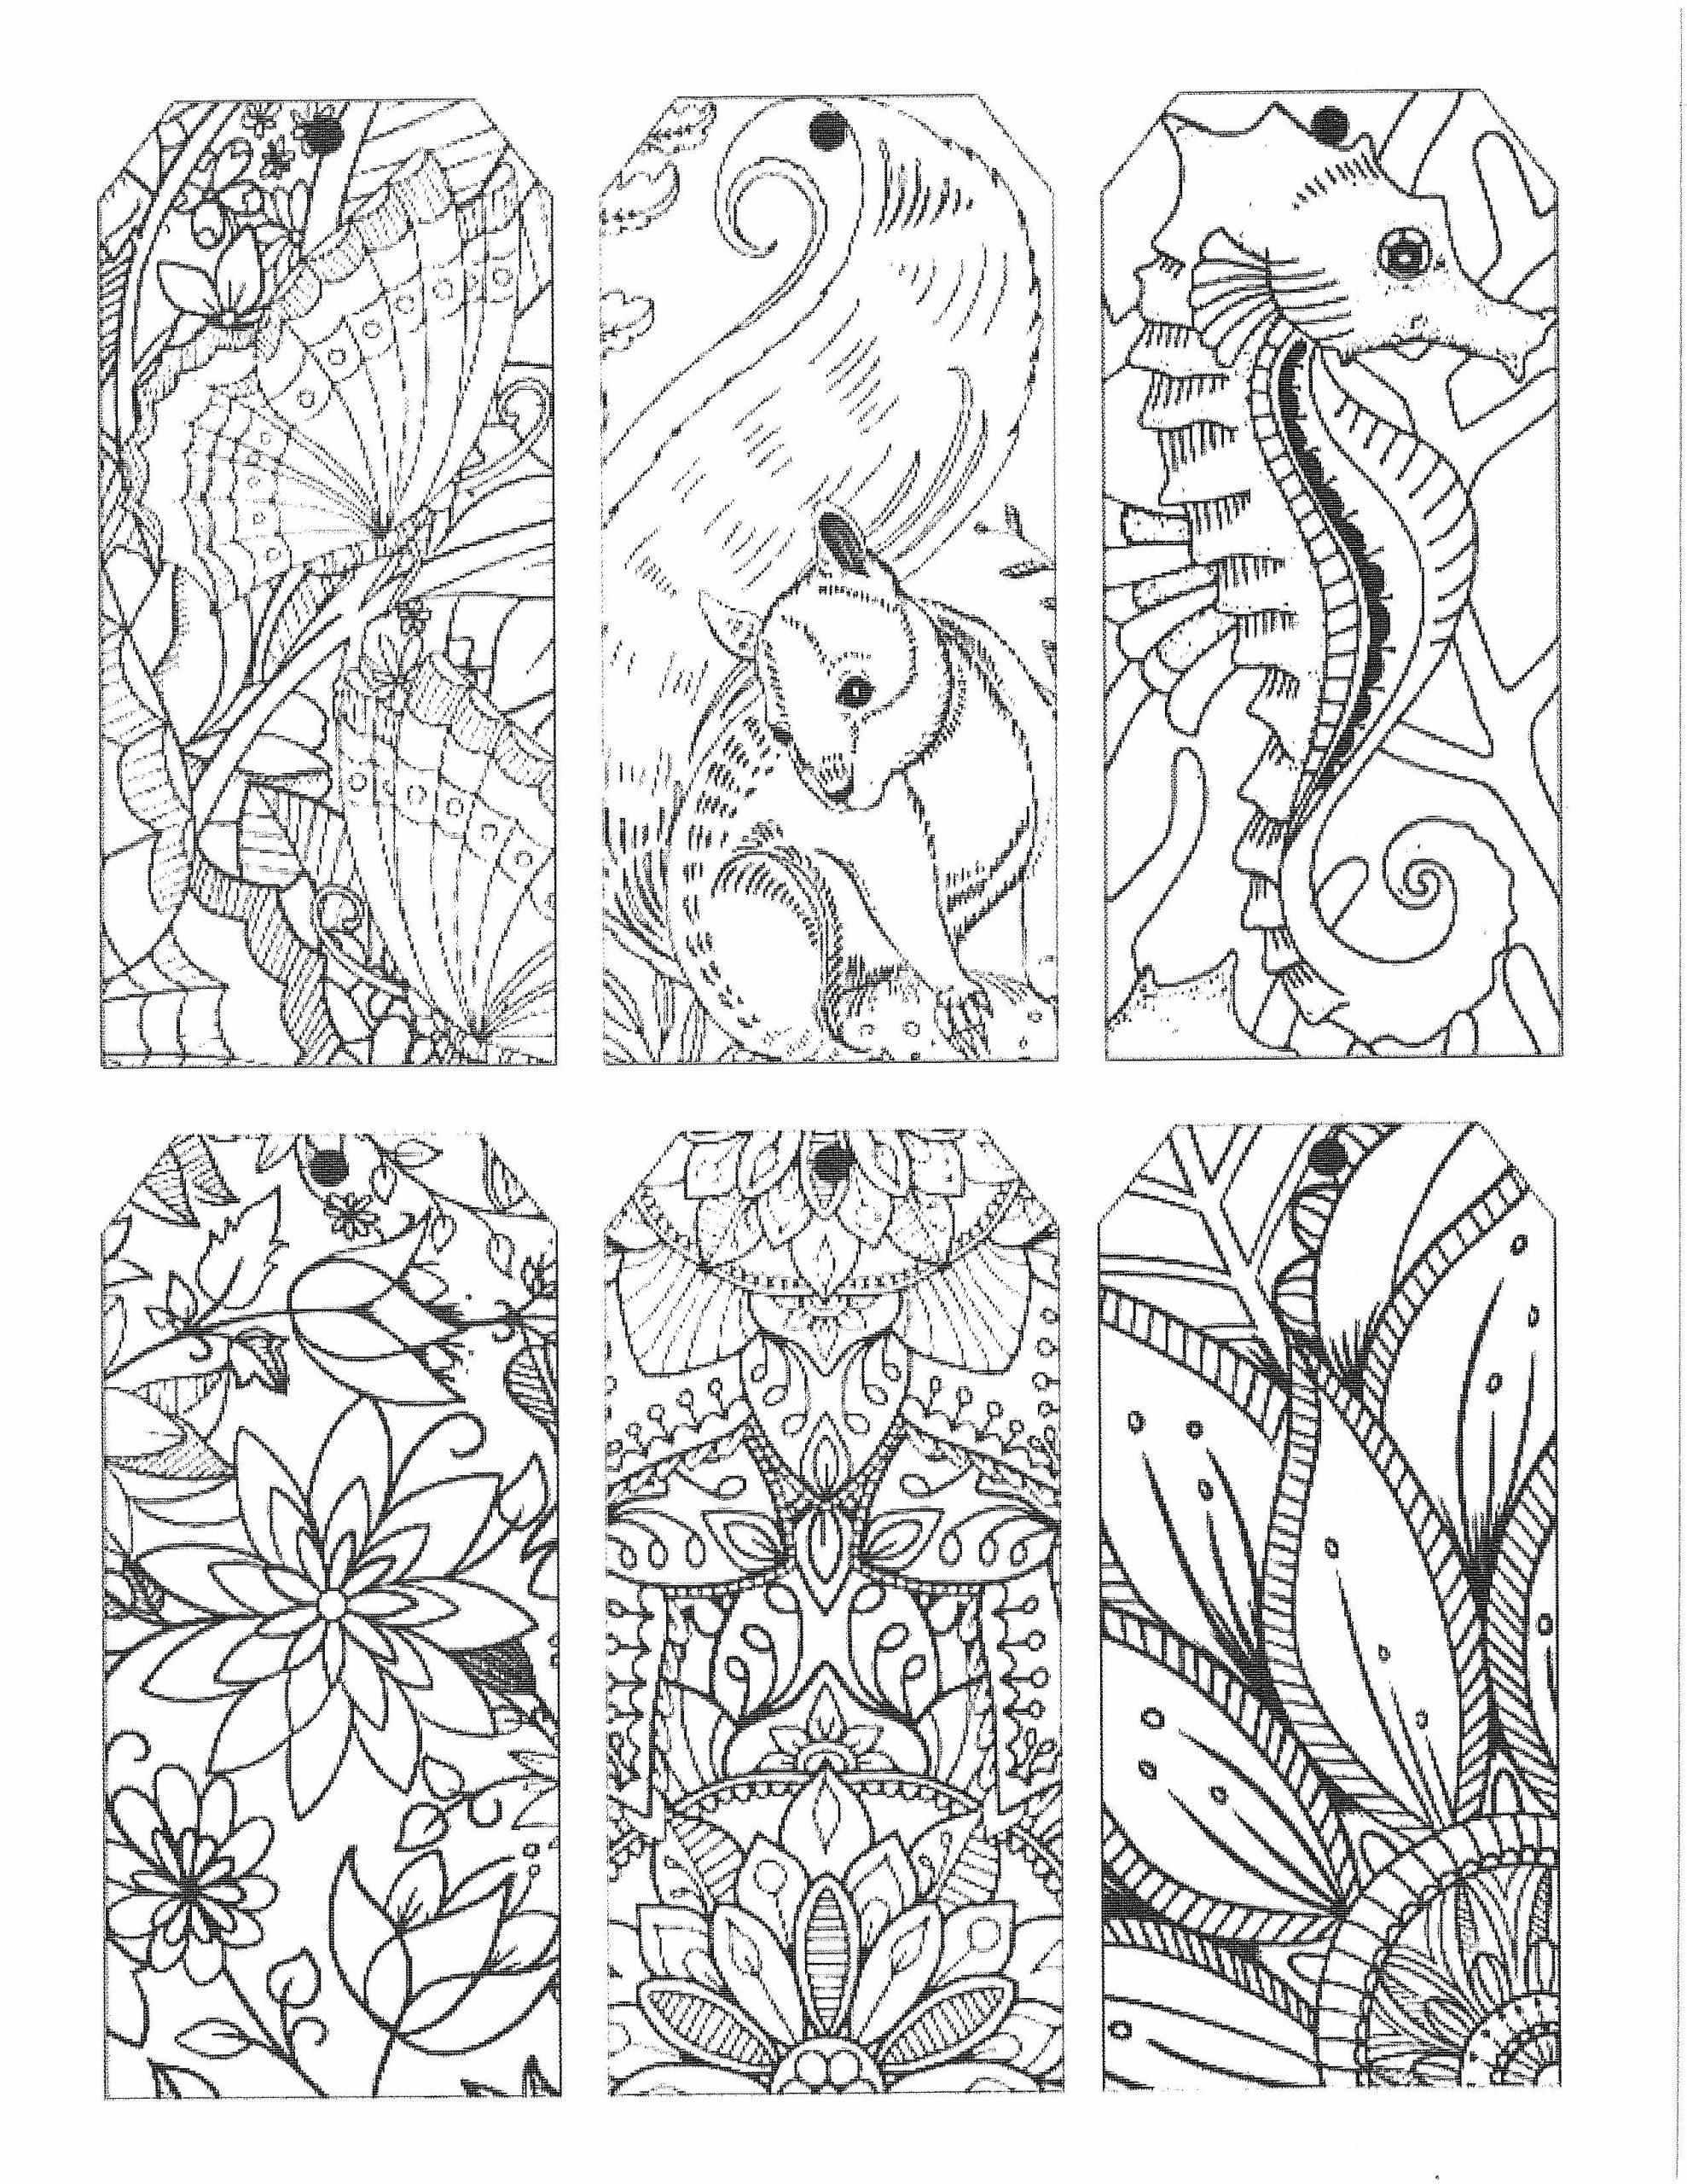 Coloring Page - SeaLife - 6 scenes